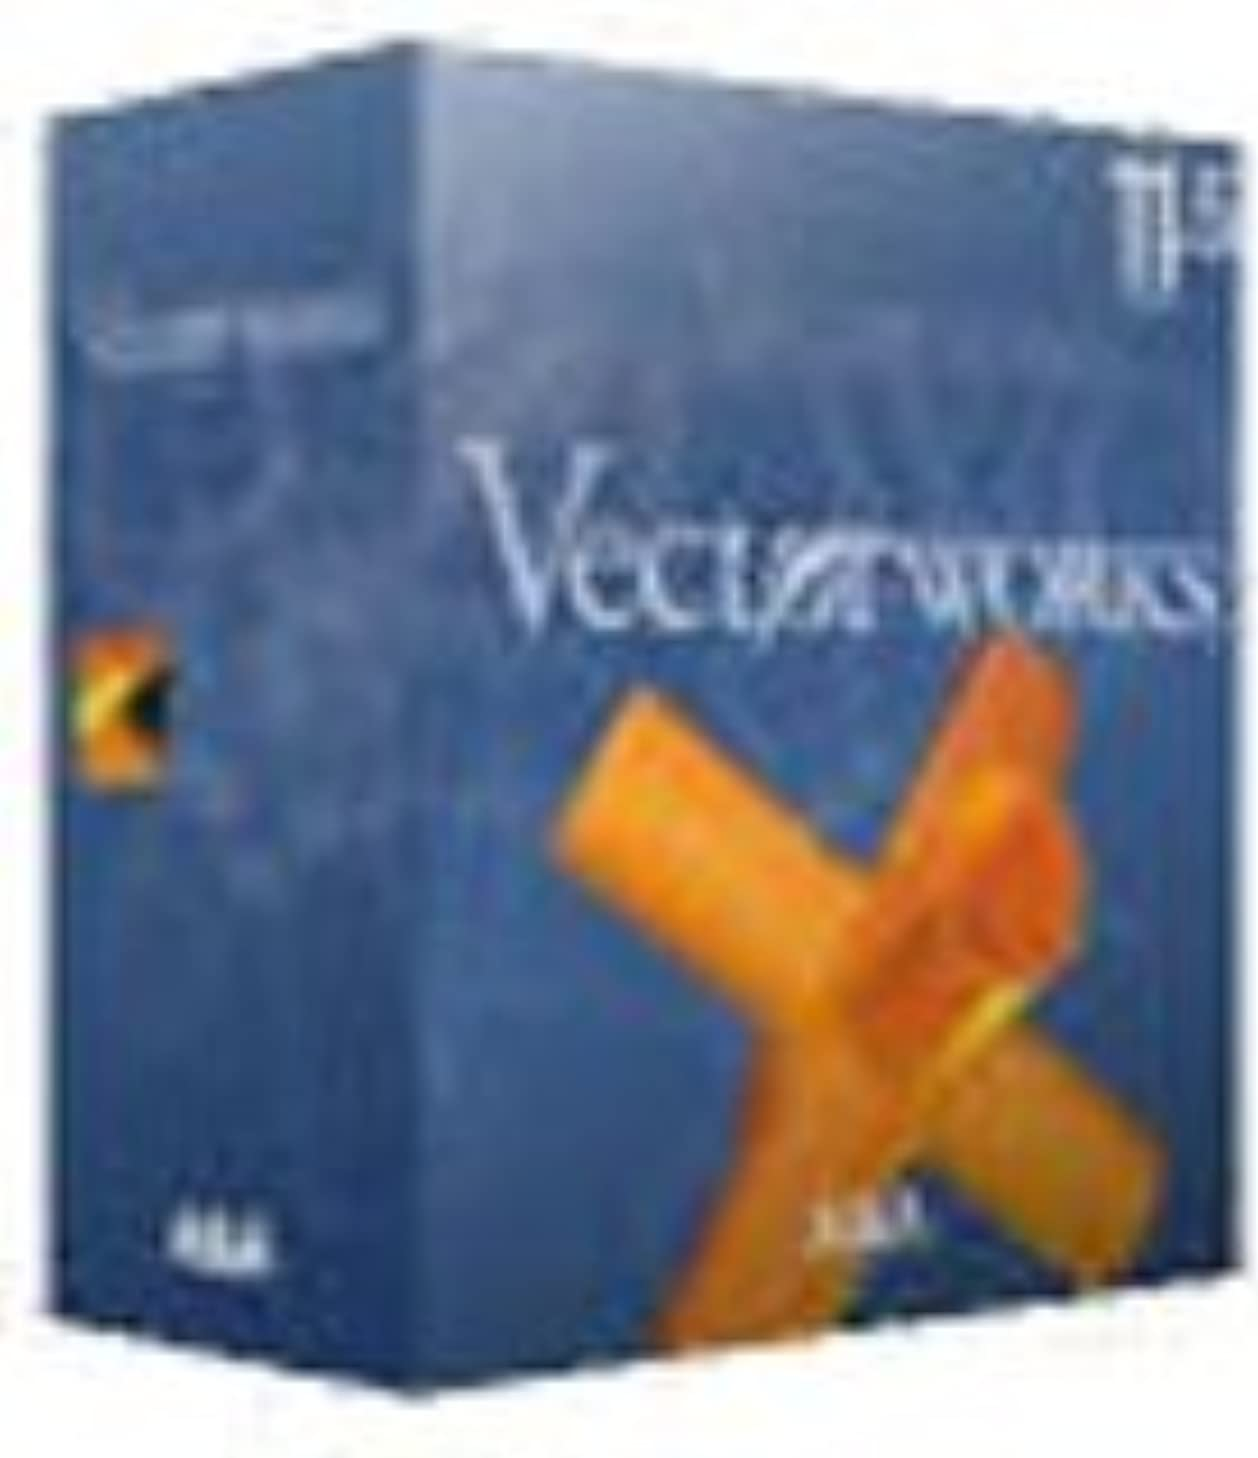 特にコンソールブローVectorWorks 11.5 日本語版 for Macintosh スタンドアロン版 基本パッケージ (無償バージョンアップ付)